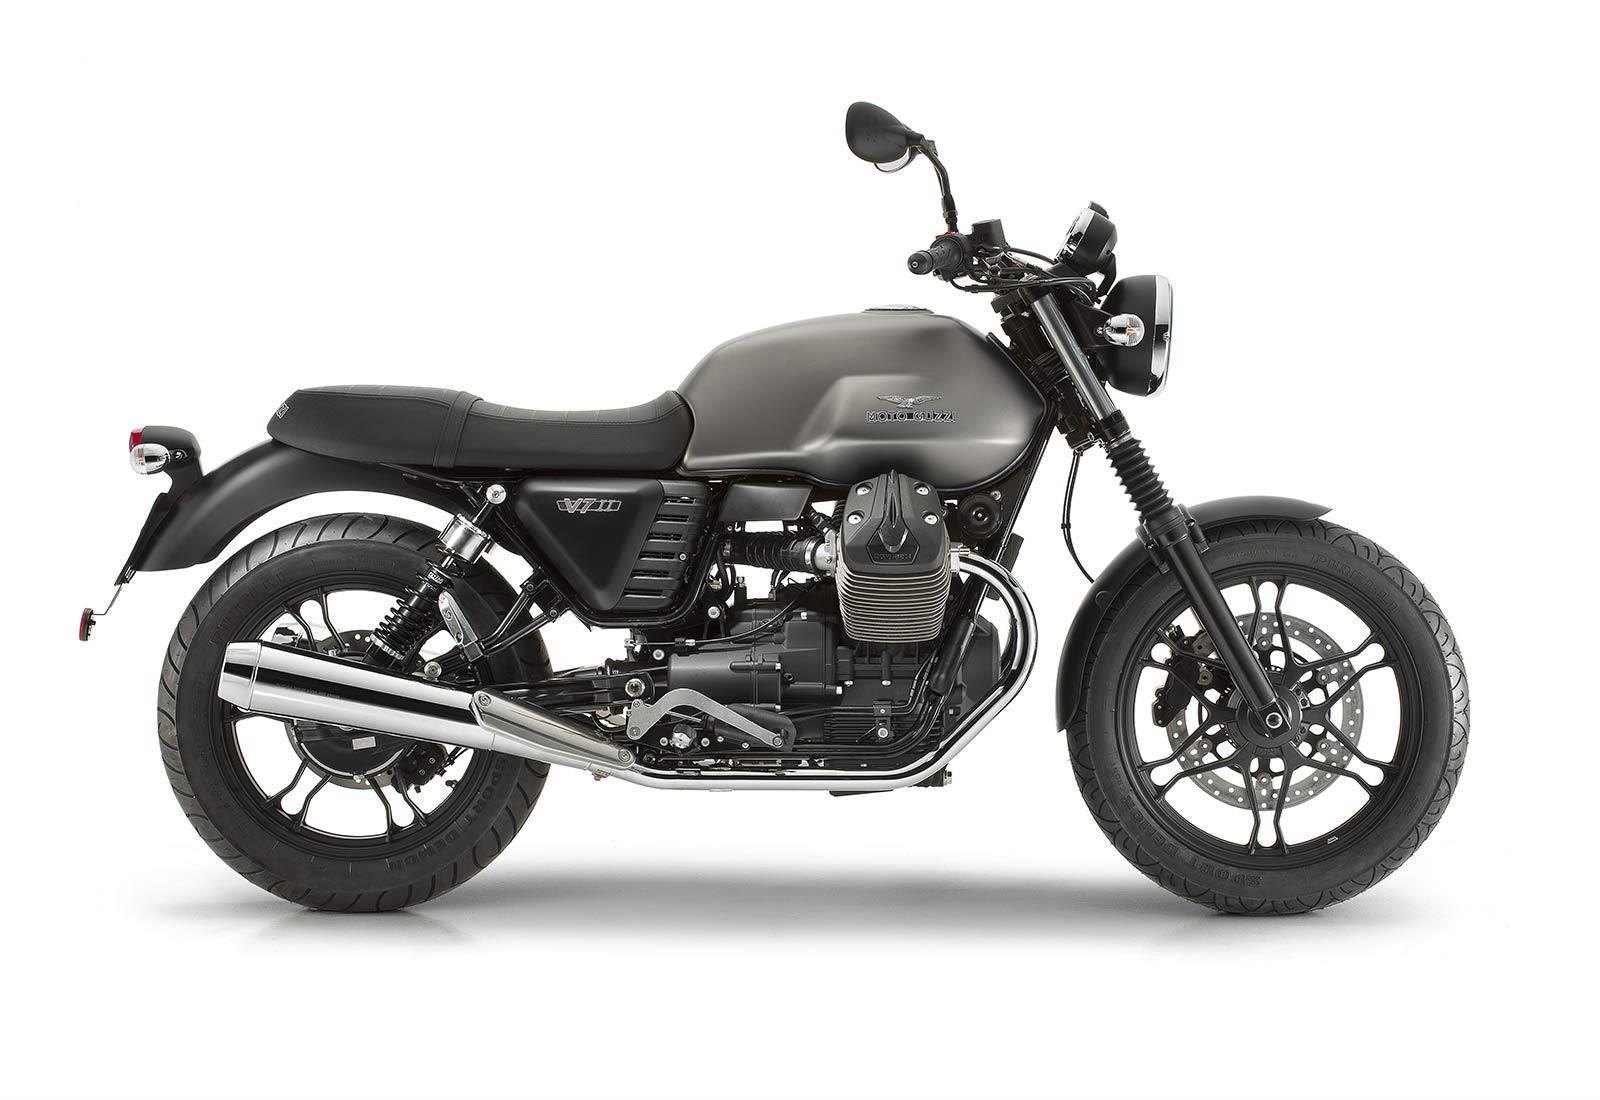 Moto Guzzi V7 Stone 2014 On Review Mcn